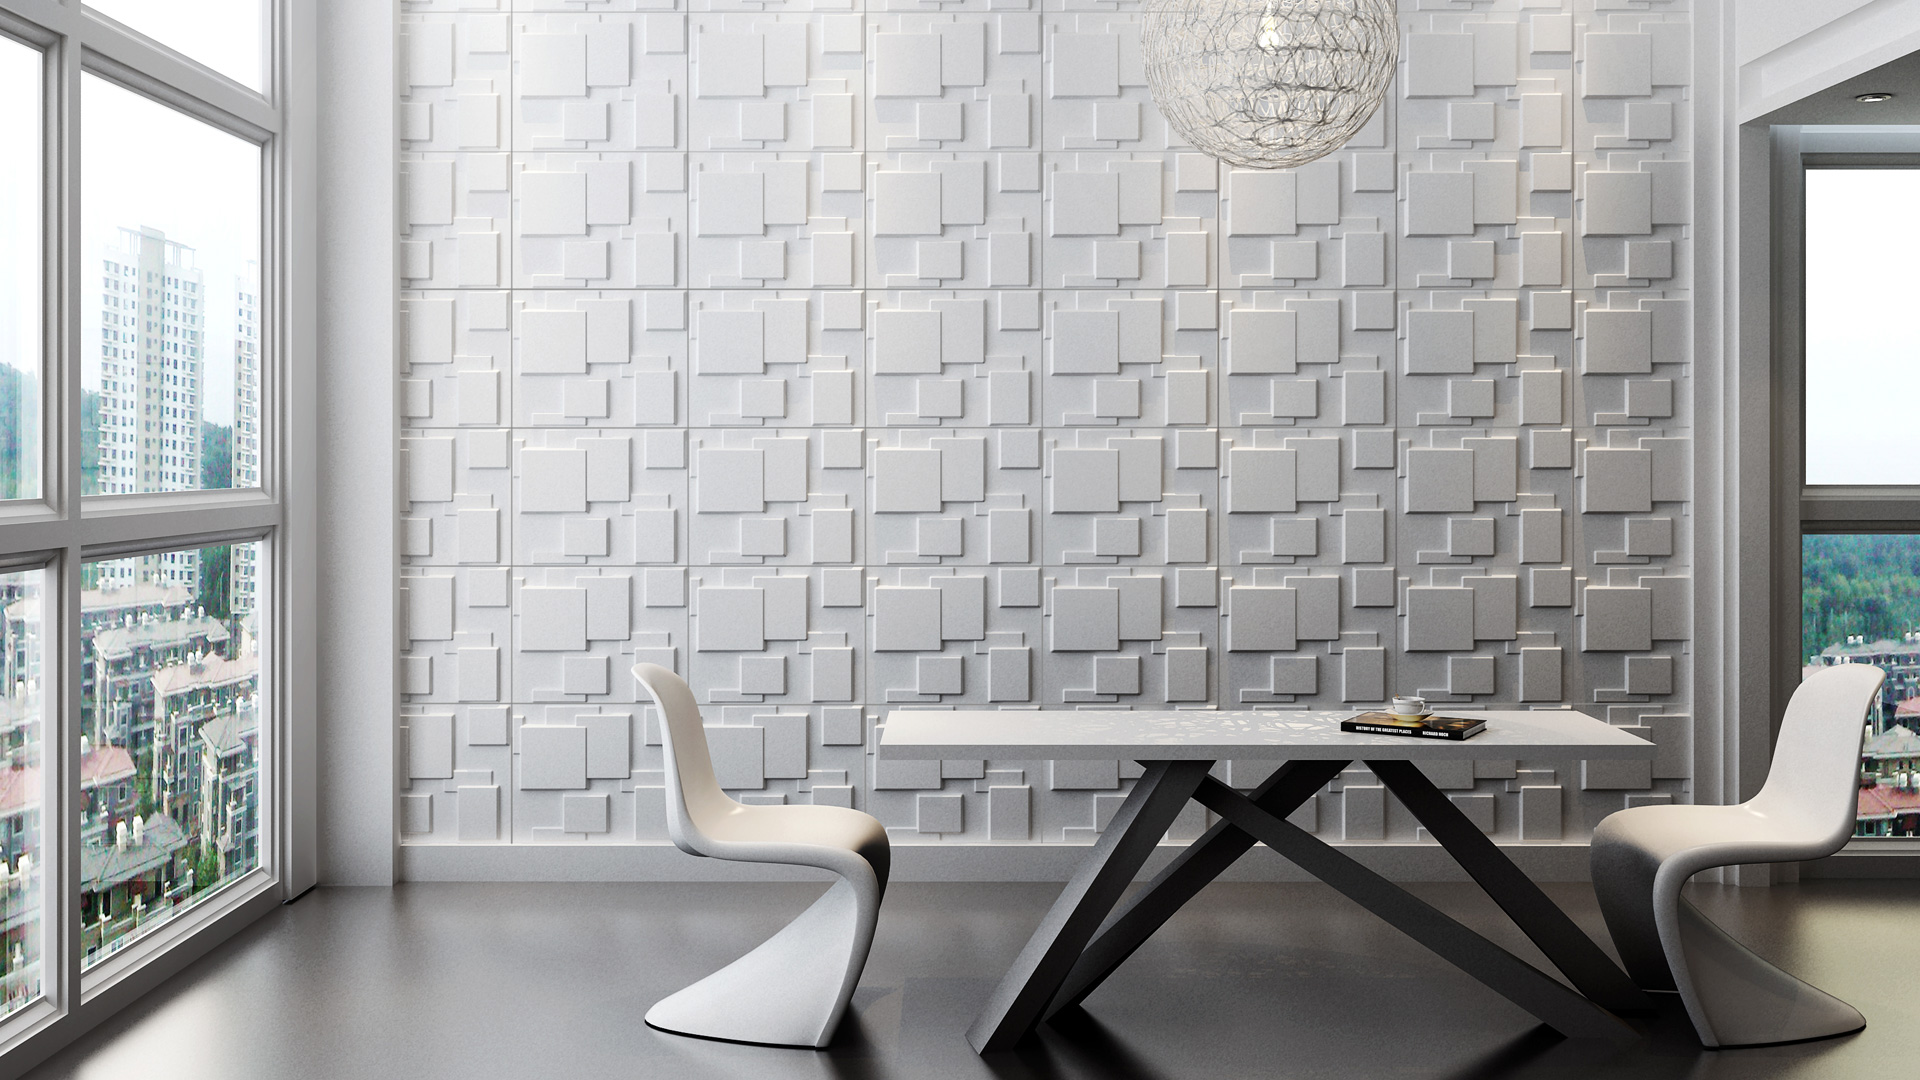 Tapeten küche ideen  Küche und Esszimmer • 3D Wandpaneele | Deckenpaneele ...